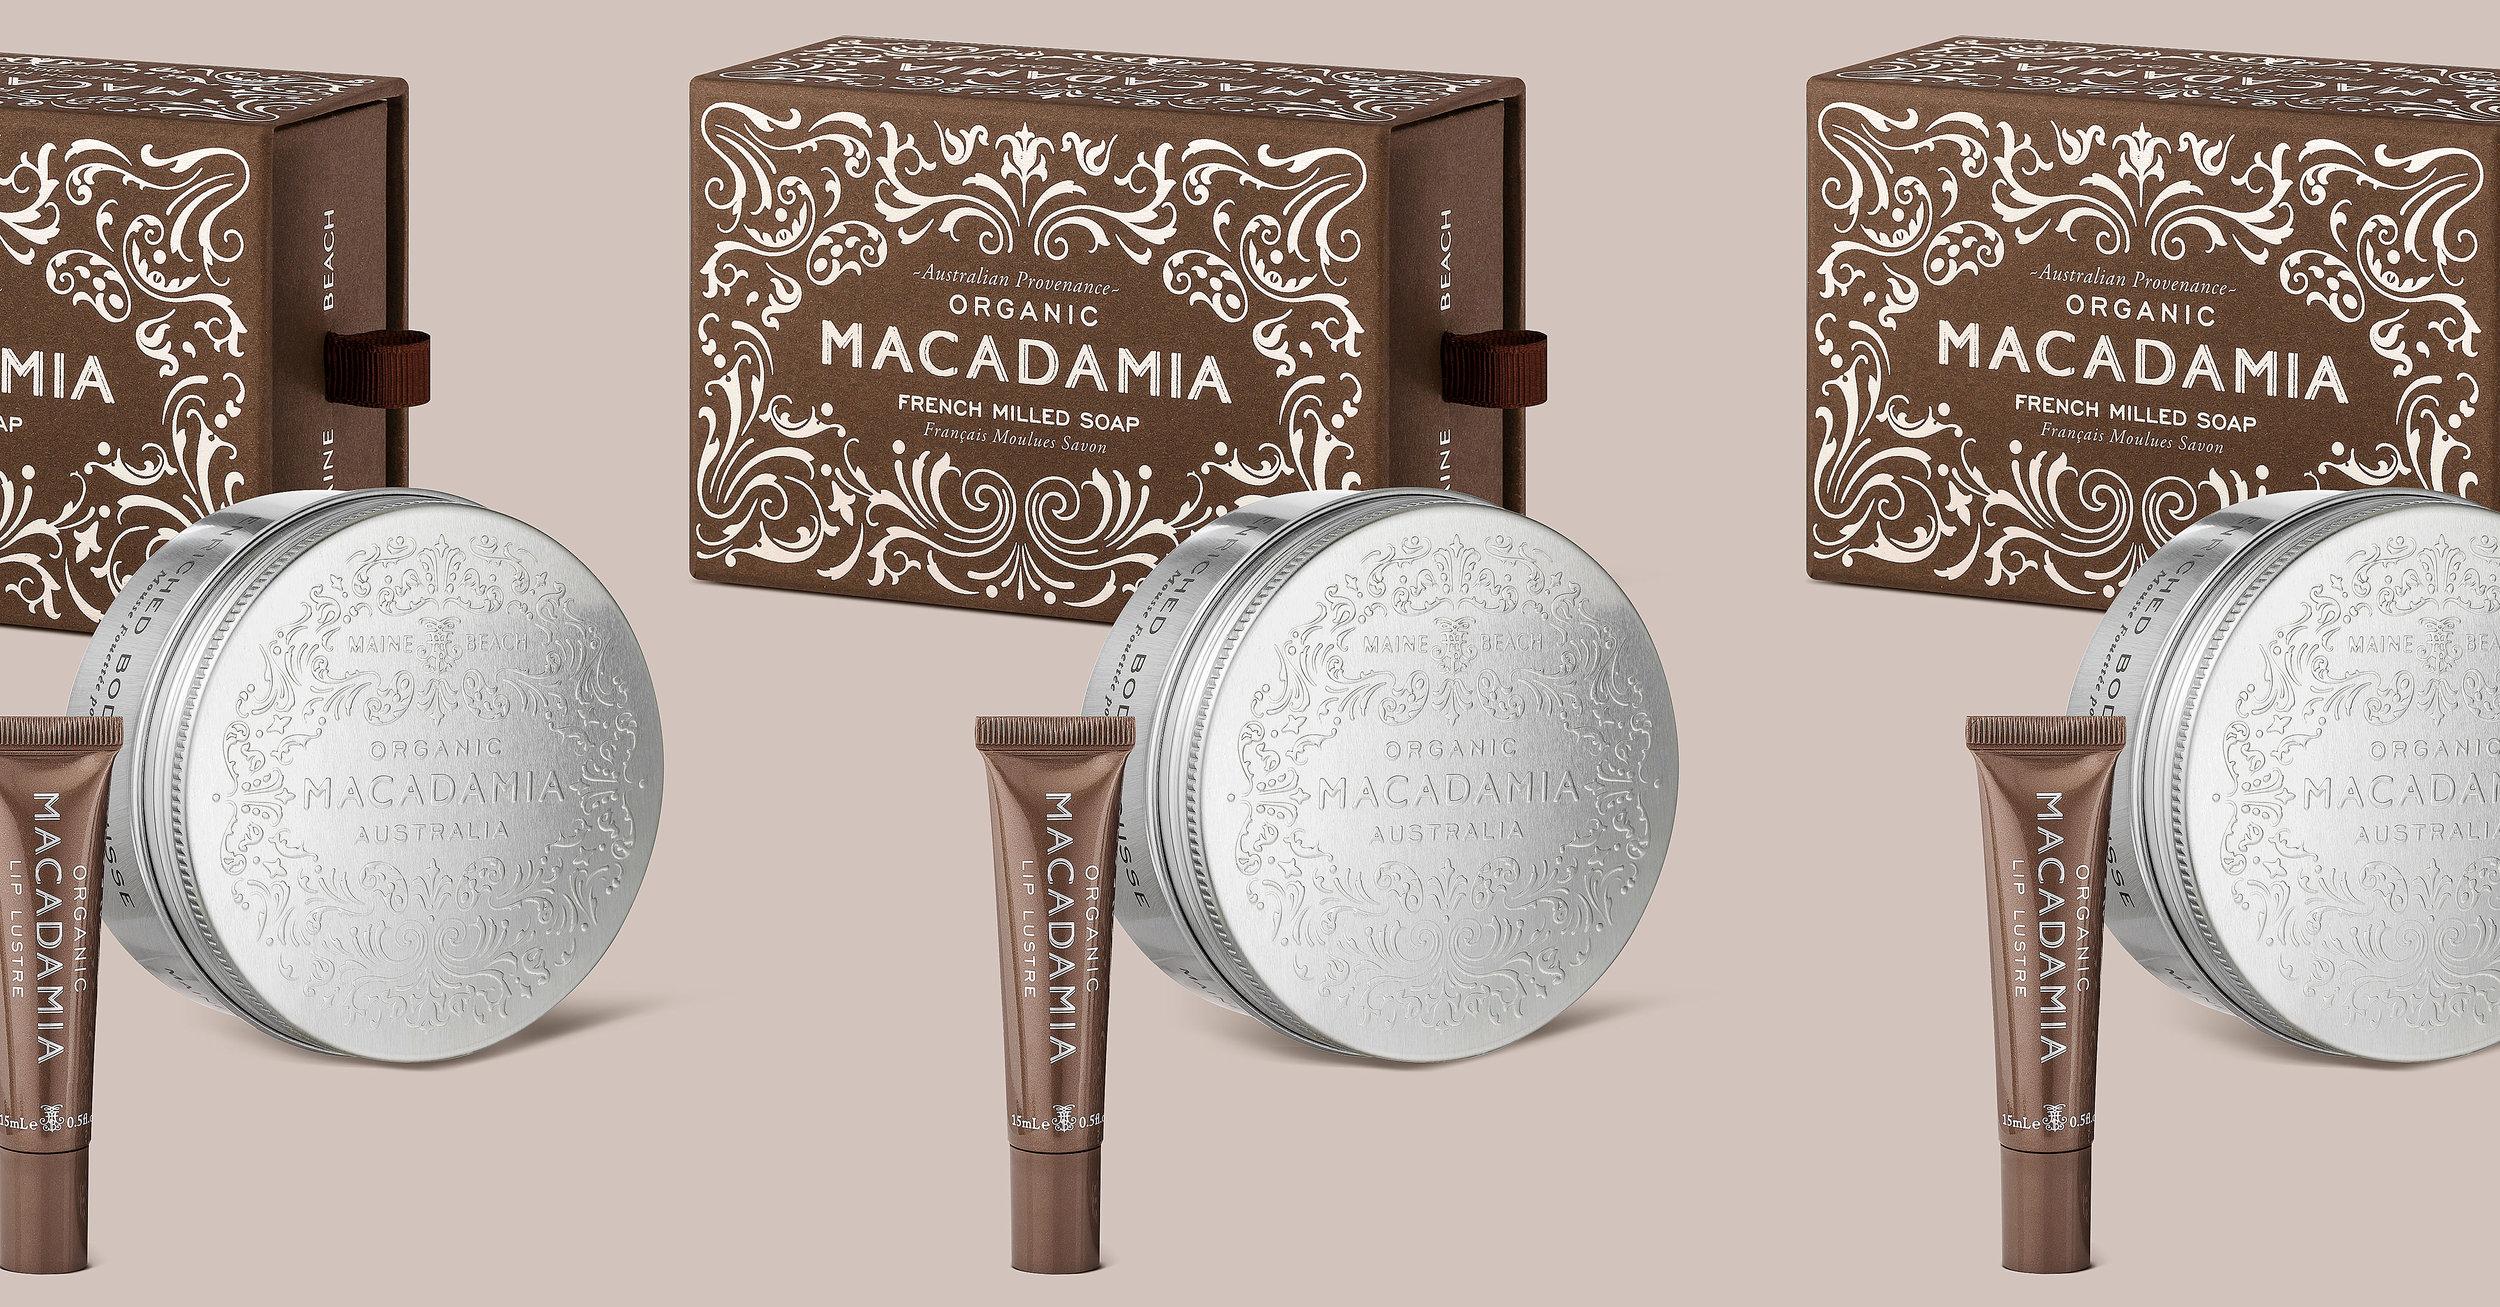 MB_Macadamia_03.jpg